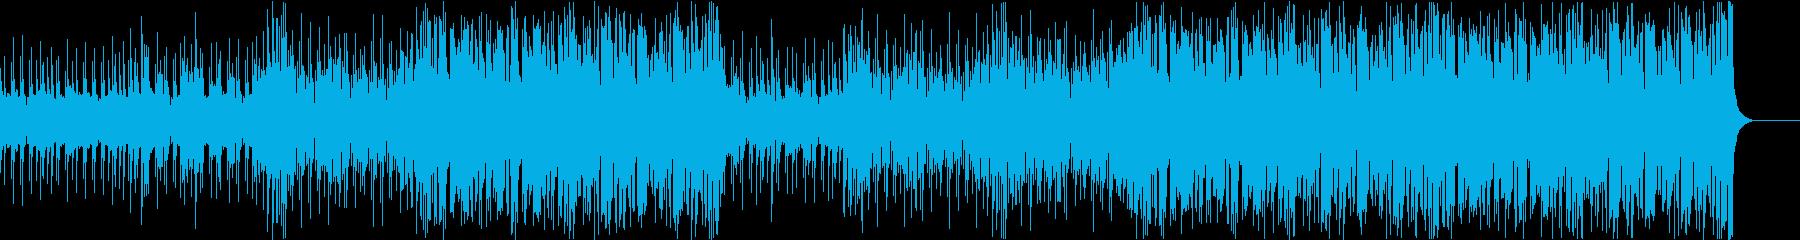 ノリがよくて盛り上がるブラスポップスの再生済みの波形